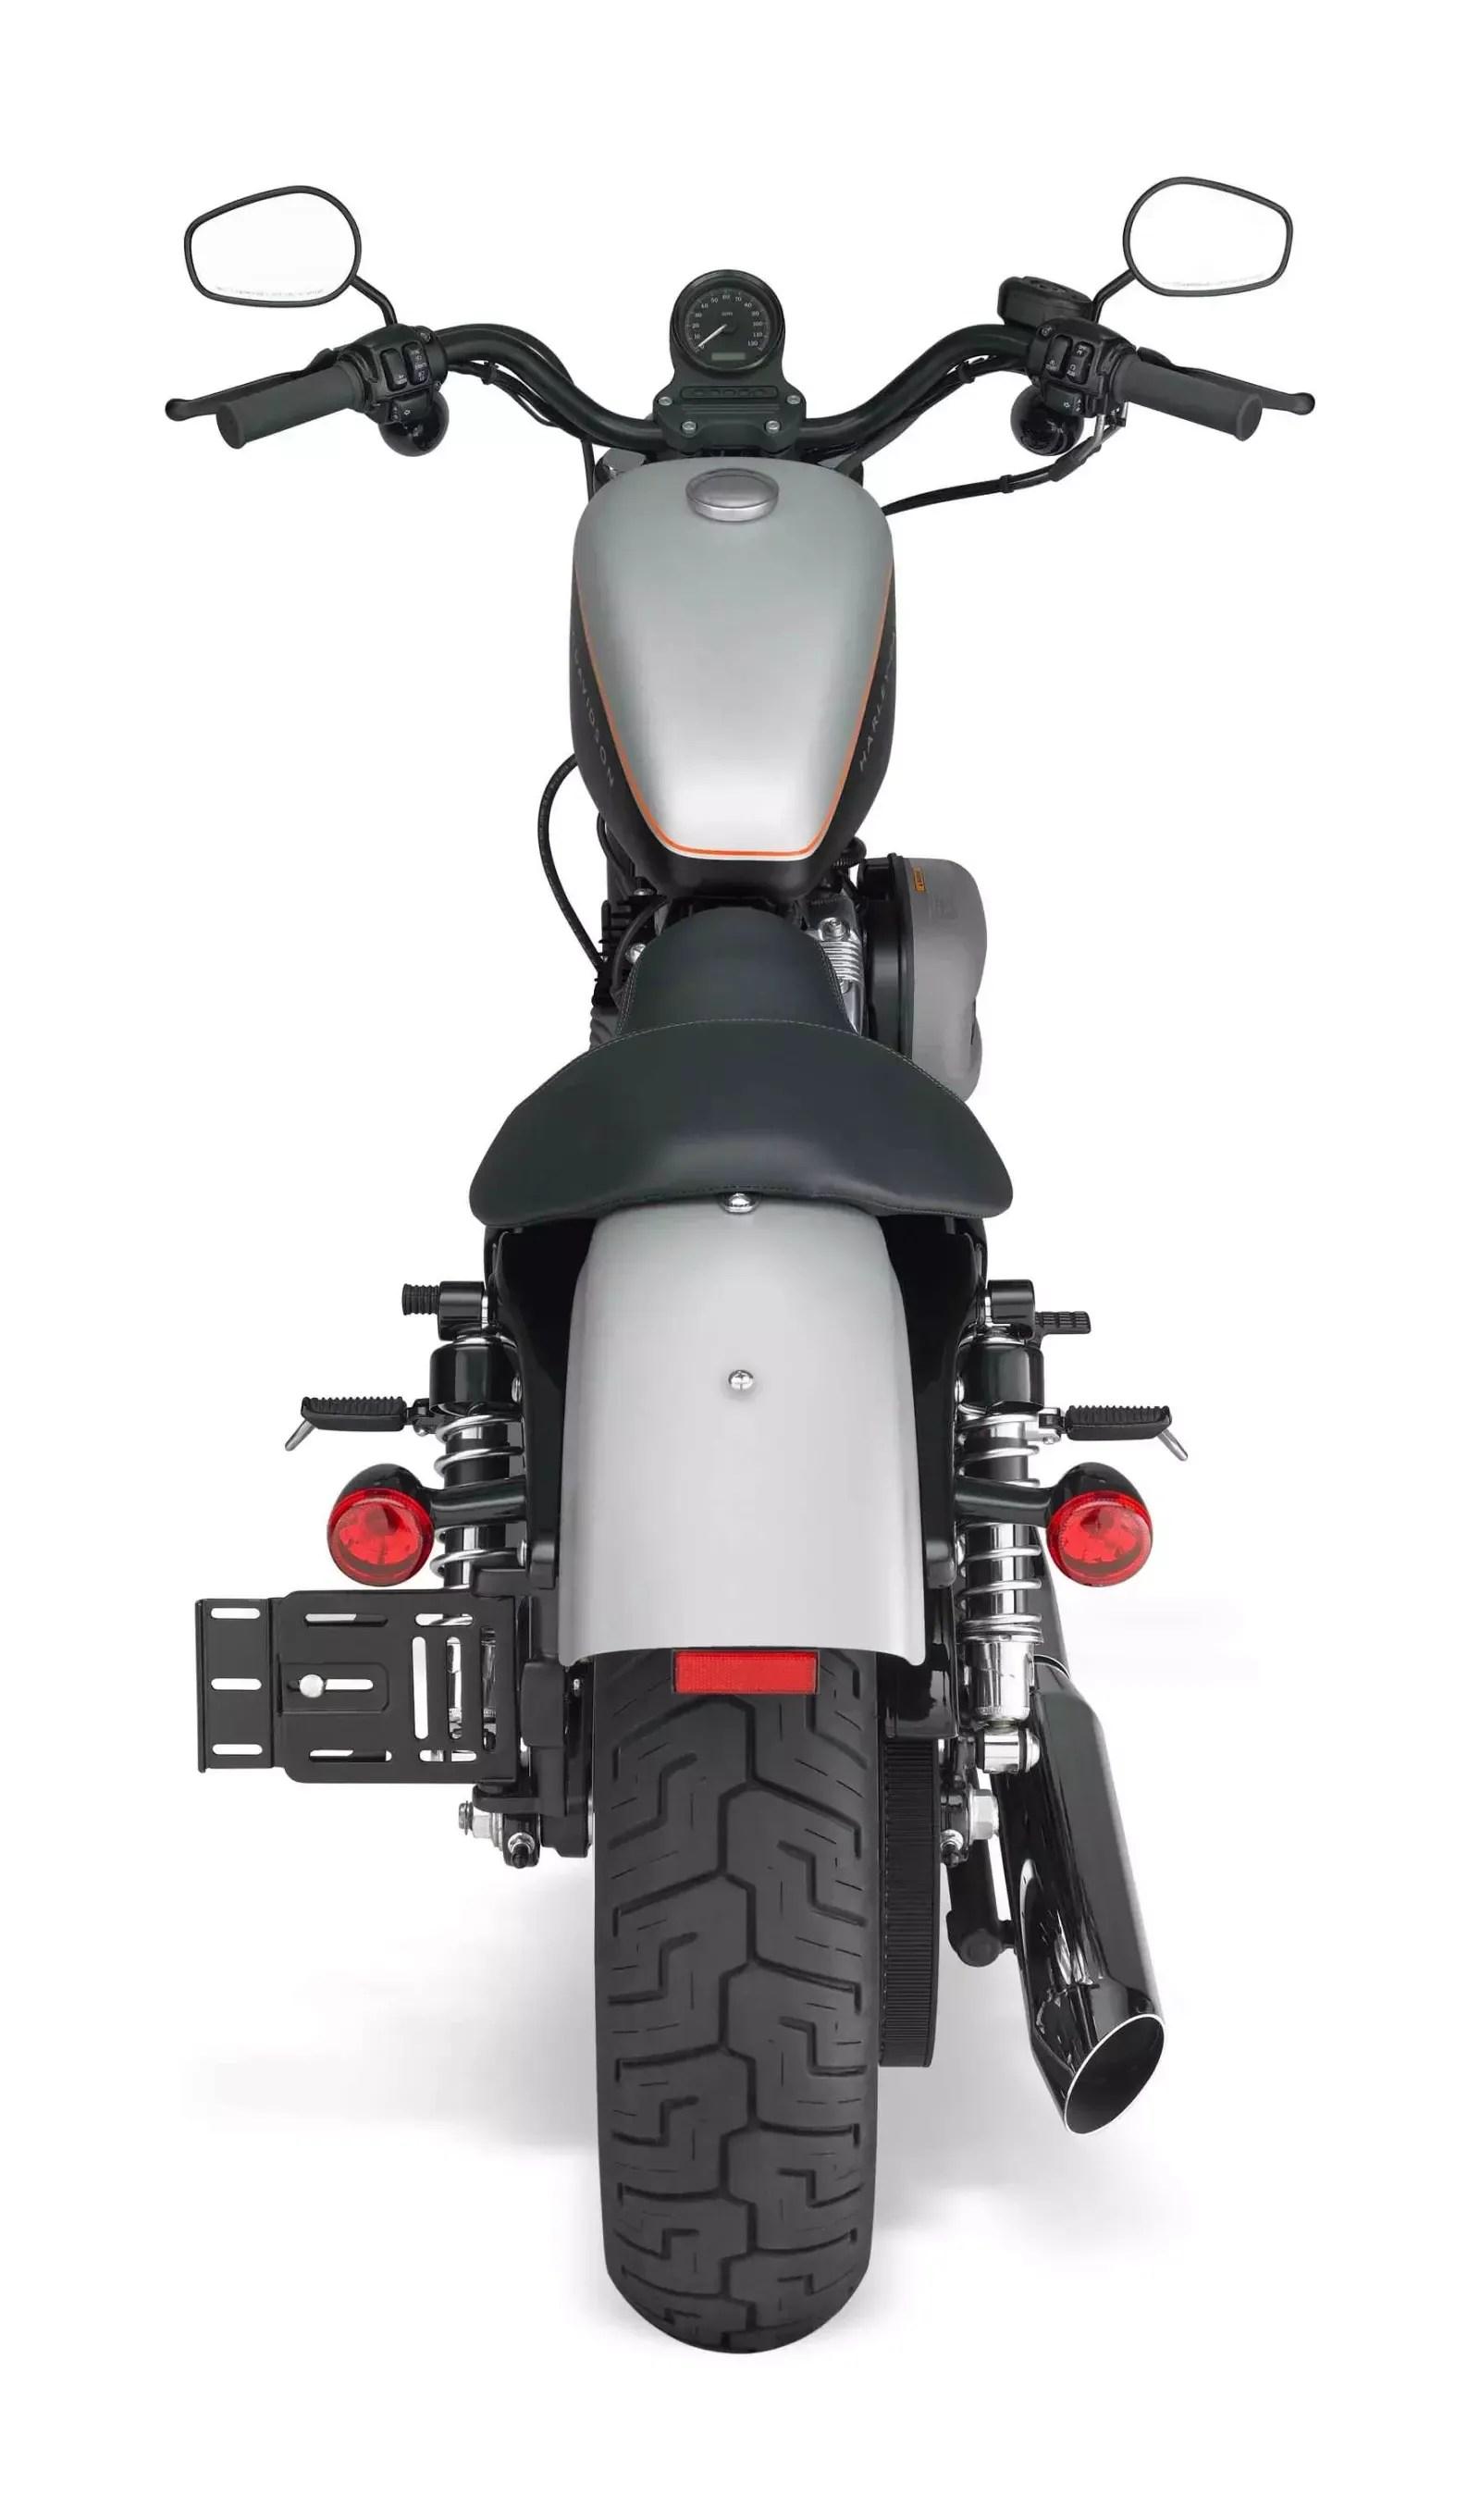 Sportster 1200 Top Speed : sportster, speed, Harley-Davidson, 1200N, Nightster, Speed